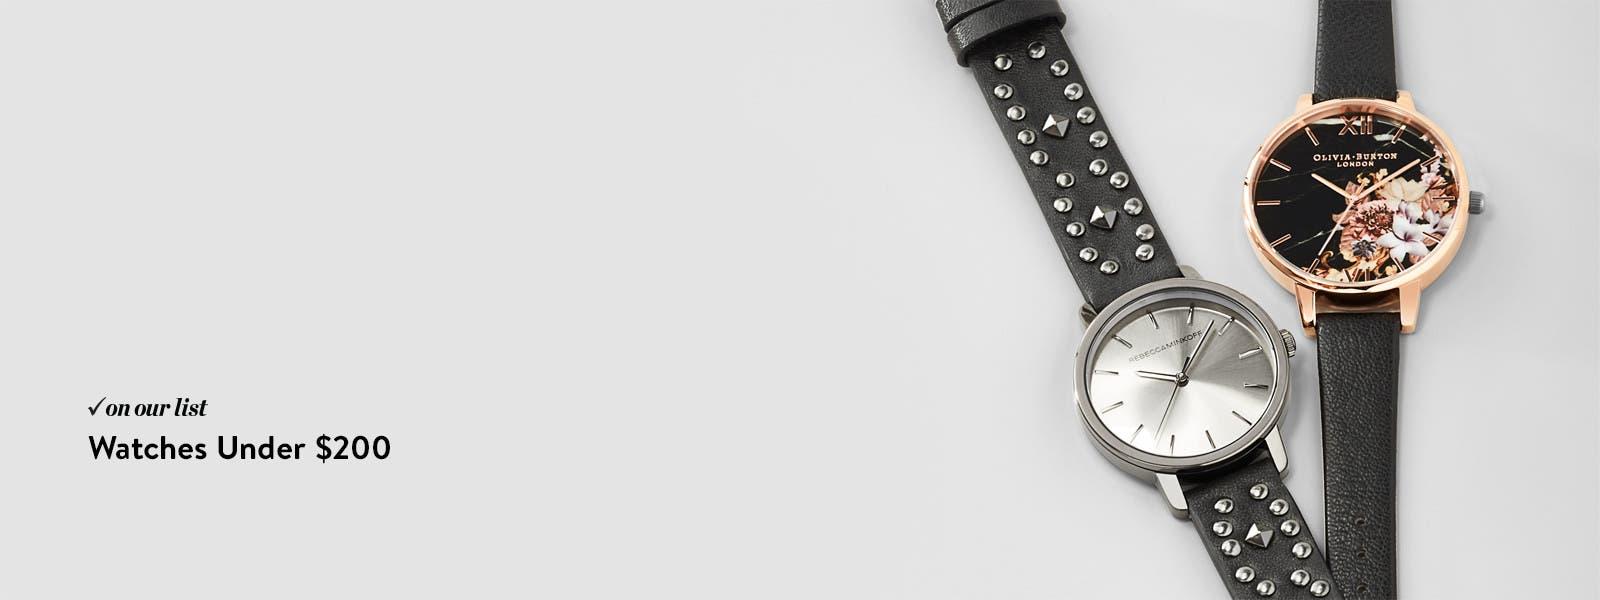 Watches under $200.